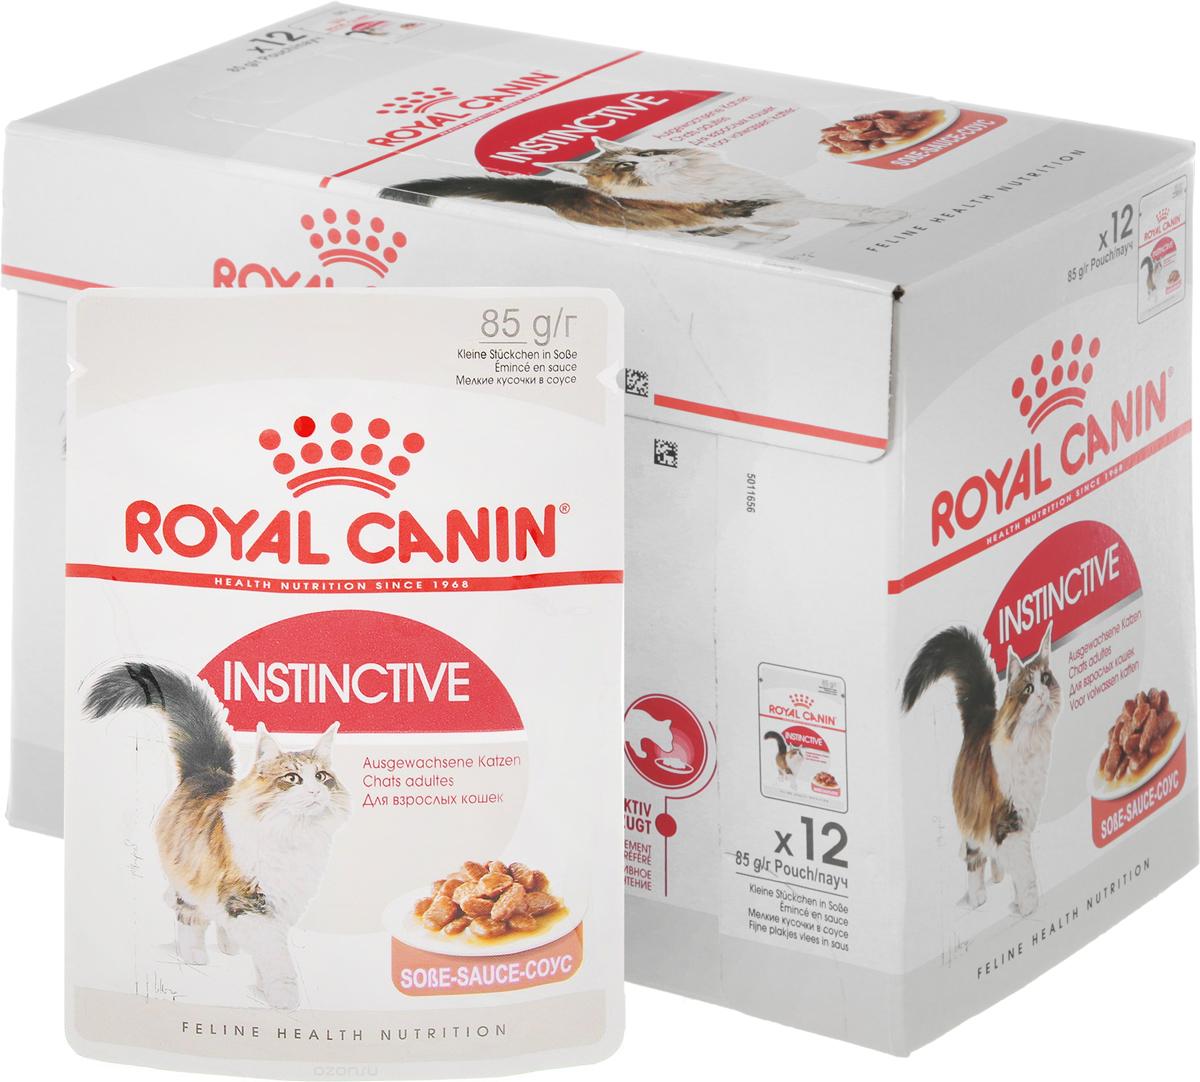 Консервы Royal Canin  Instinctive , для кошек старше 1 года, мелкие кусочки в соусе, 85 г, 12 шт - Корма и лакомства